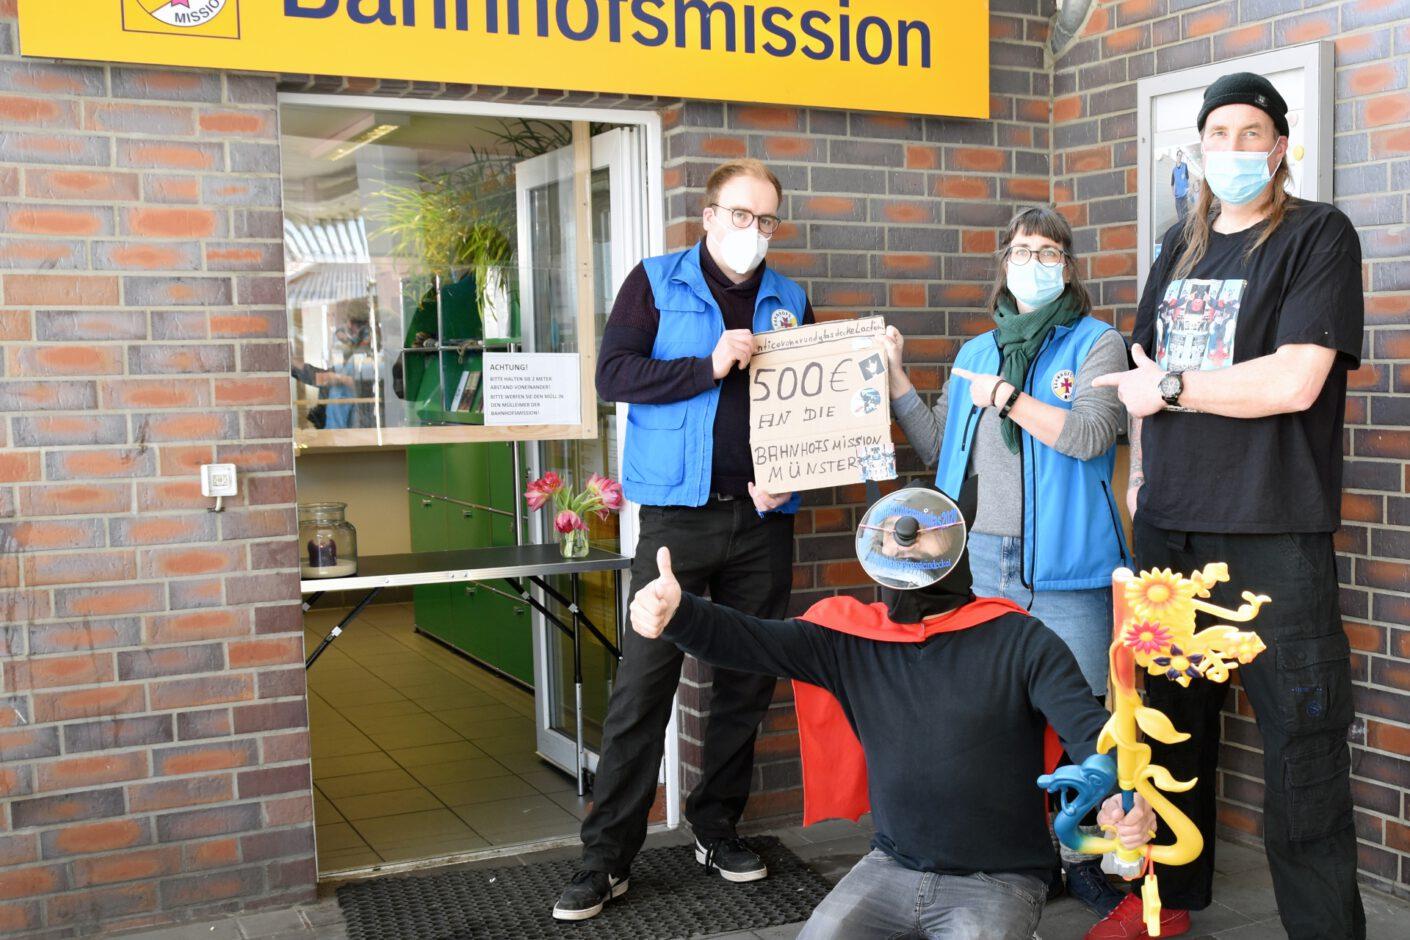 Foto: Spende für Bahnhofsmission